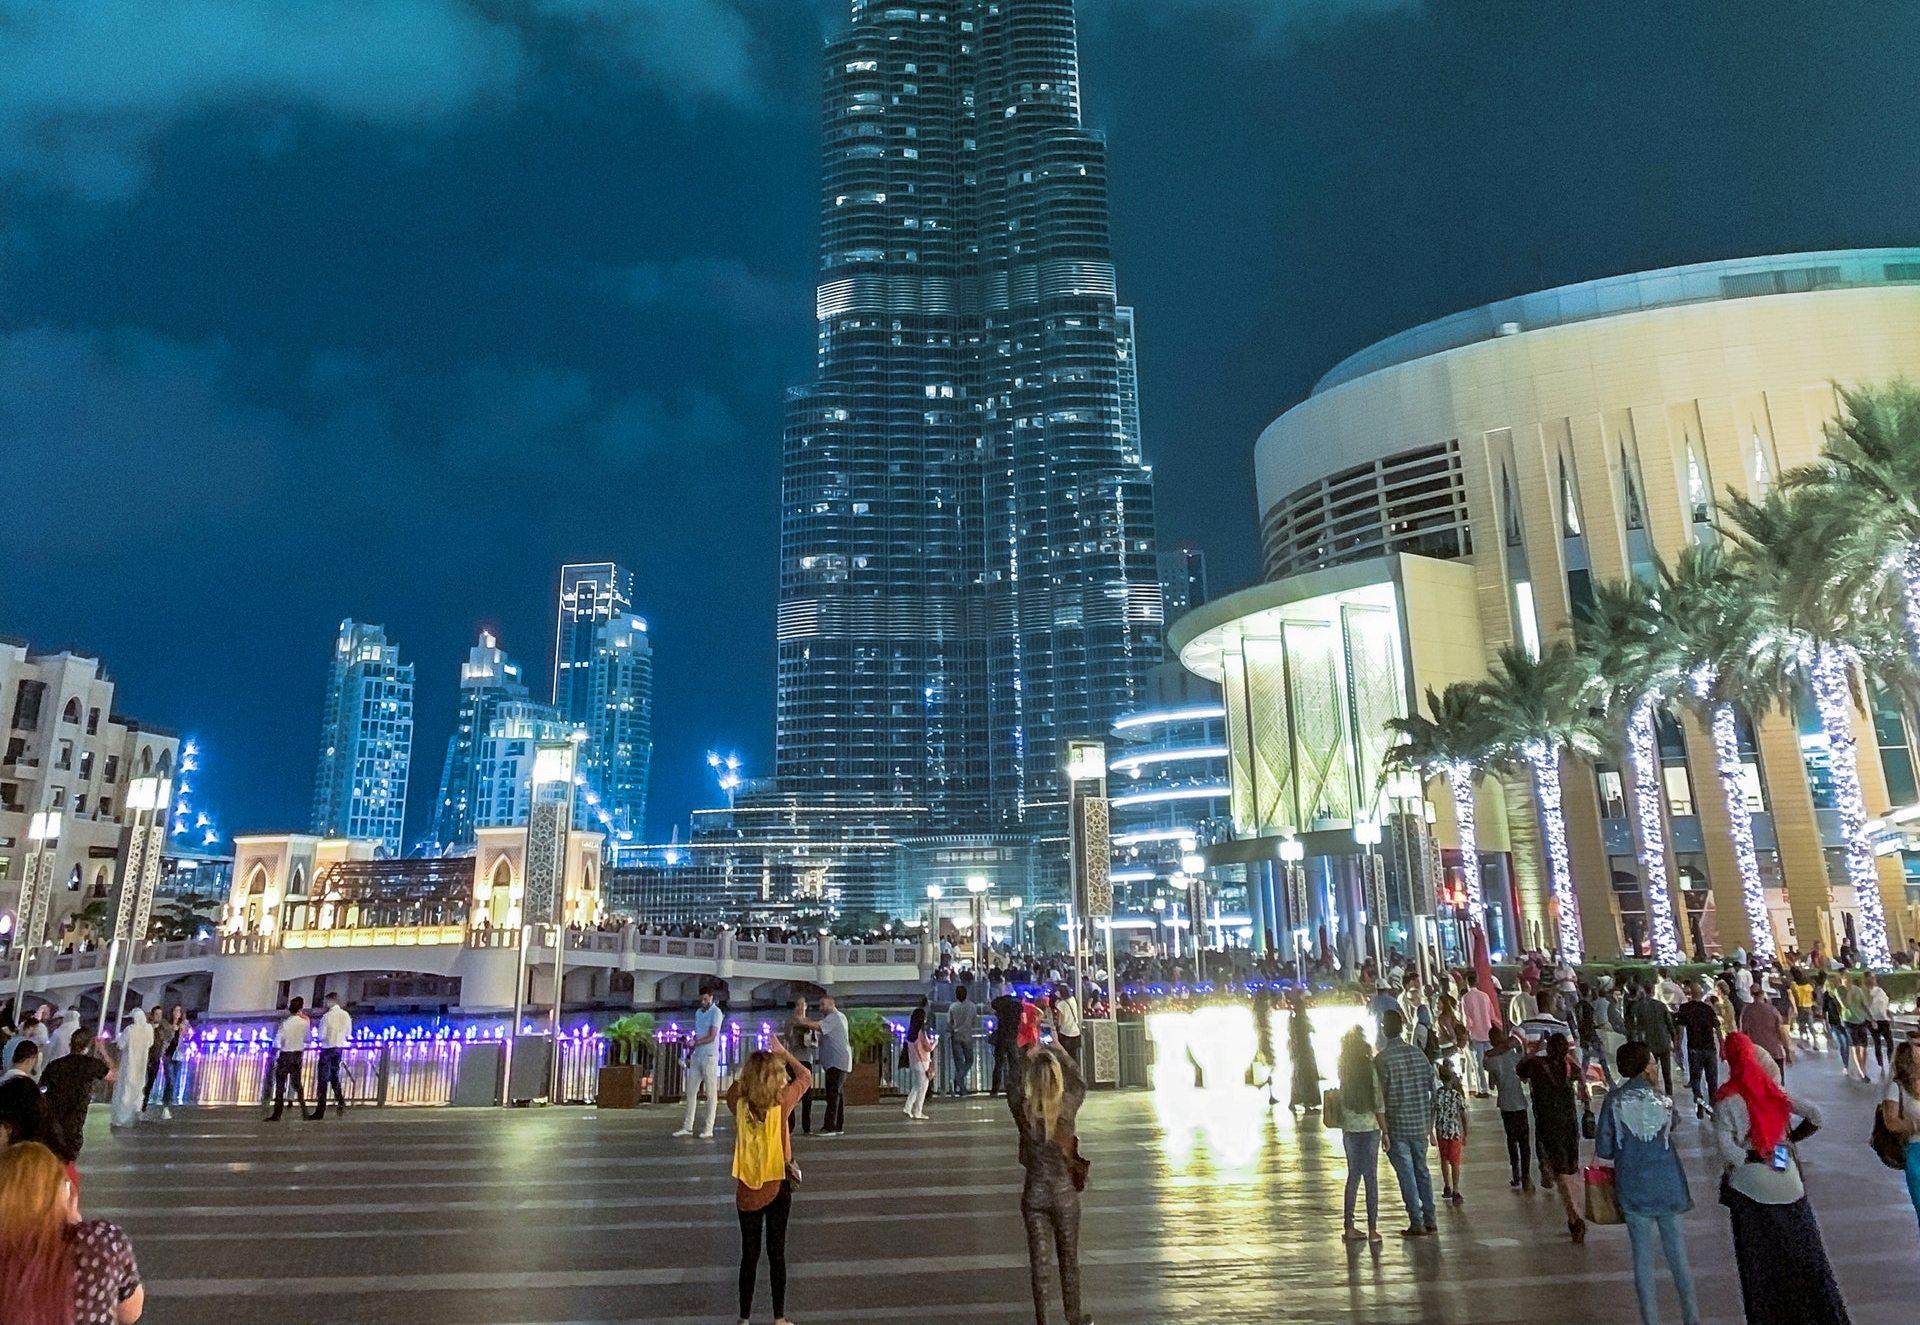 Дубай жизнь конкурс по фотографии 2013